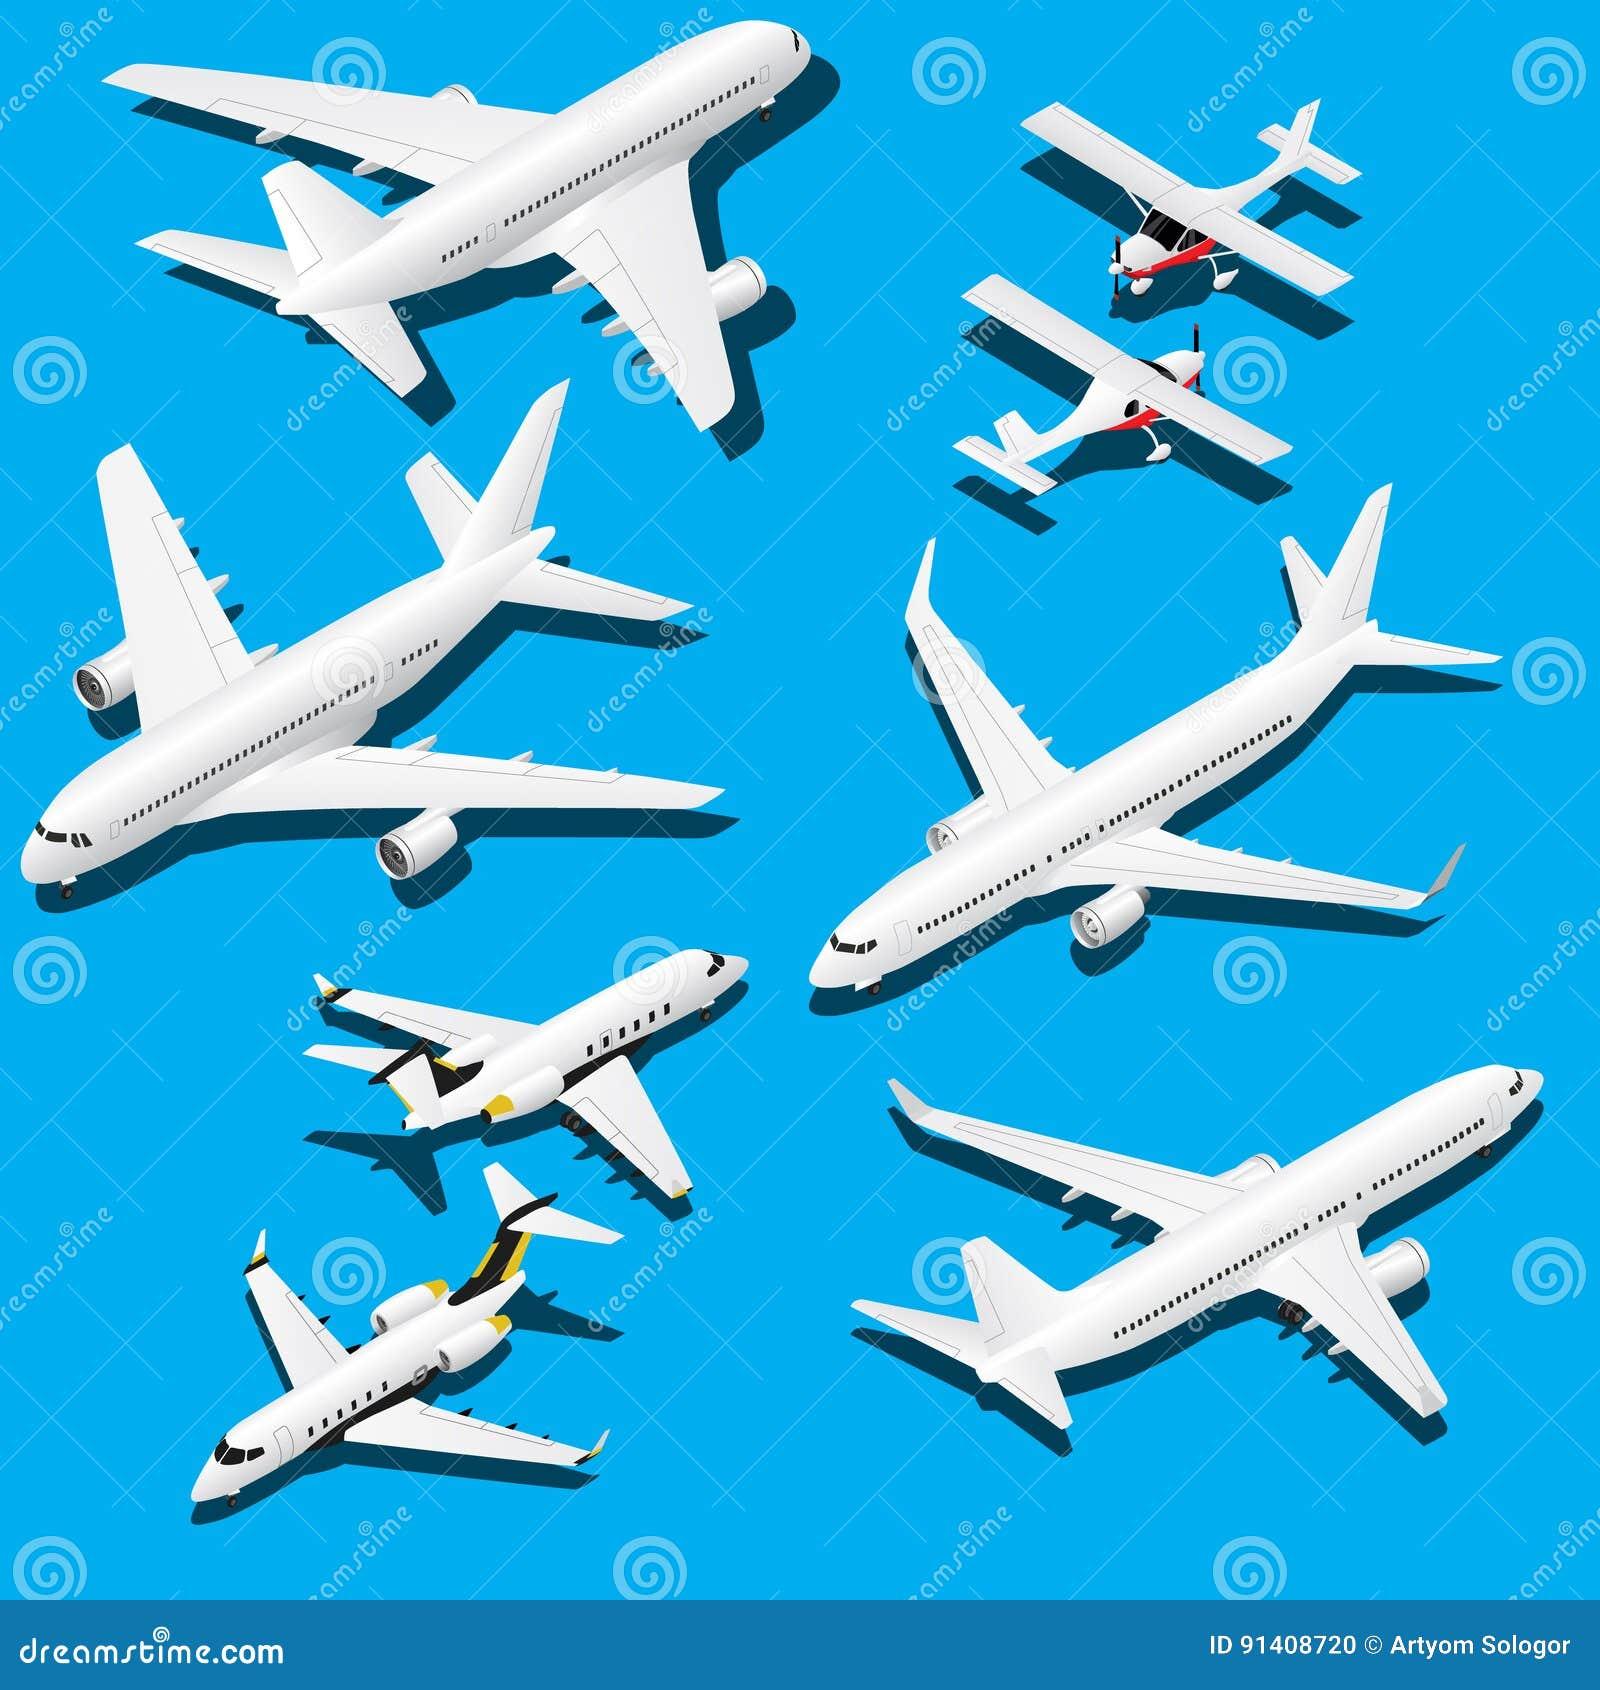 Jet Privato Rosa : Icona di vettore di un jet privato illustrazione di jet di affari